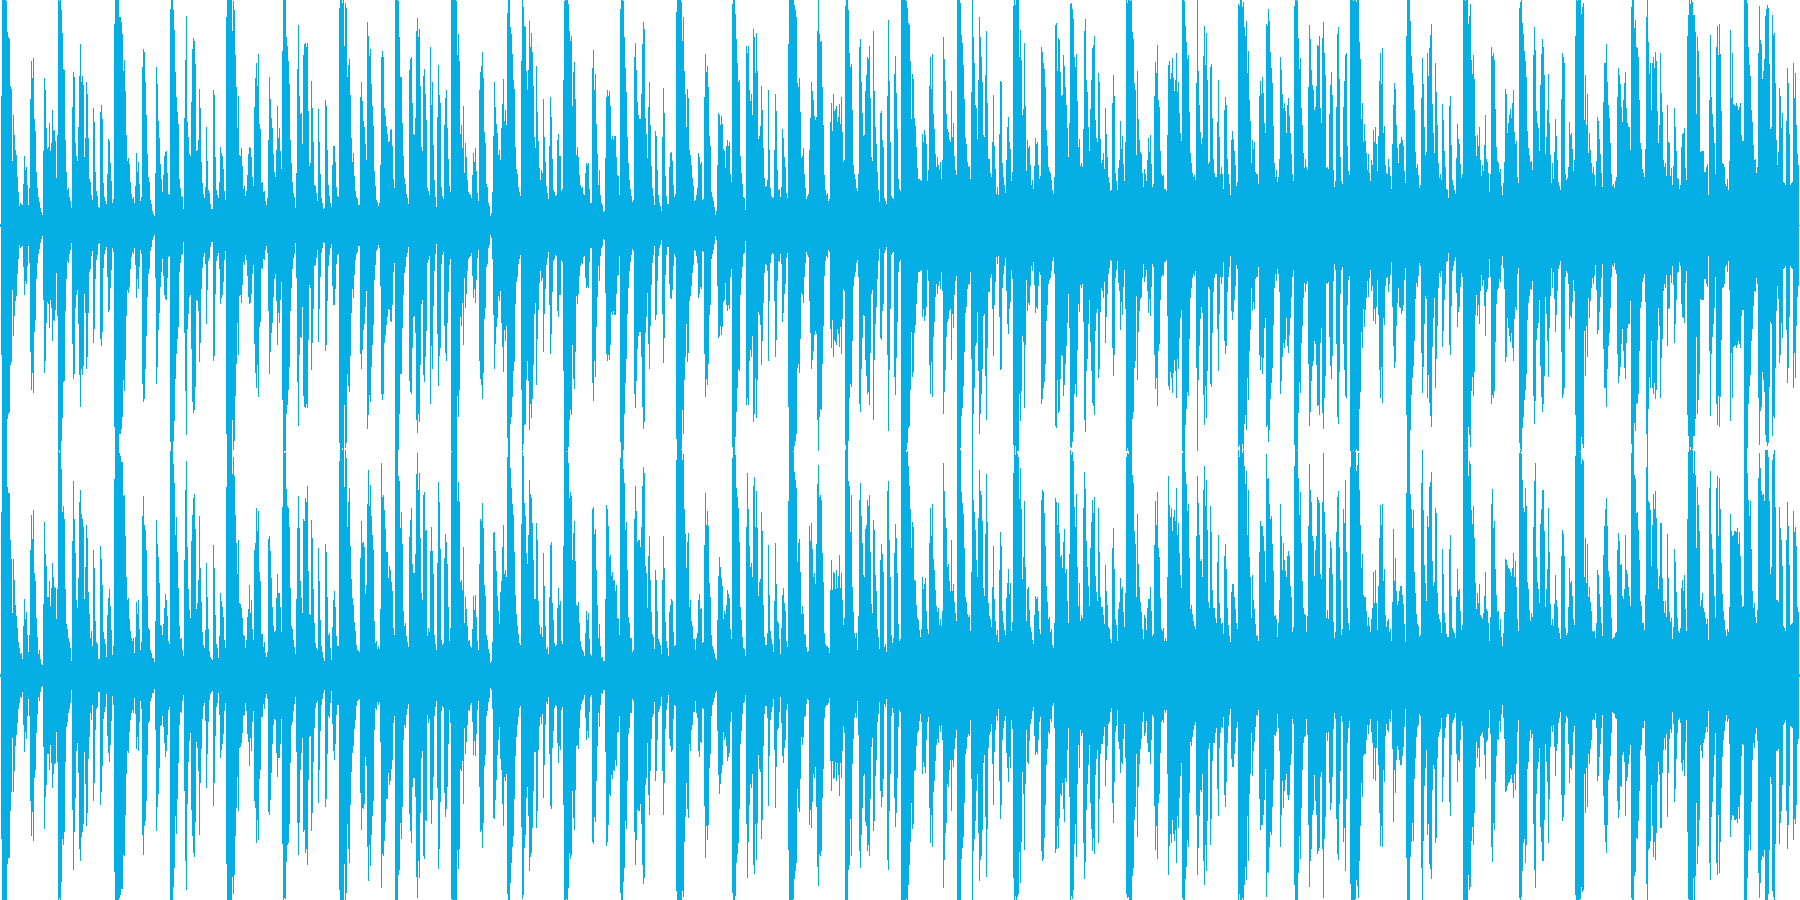 シンセ+ブレイクビーツBGMの再生済みの波形